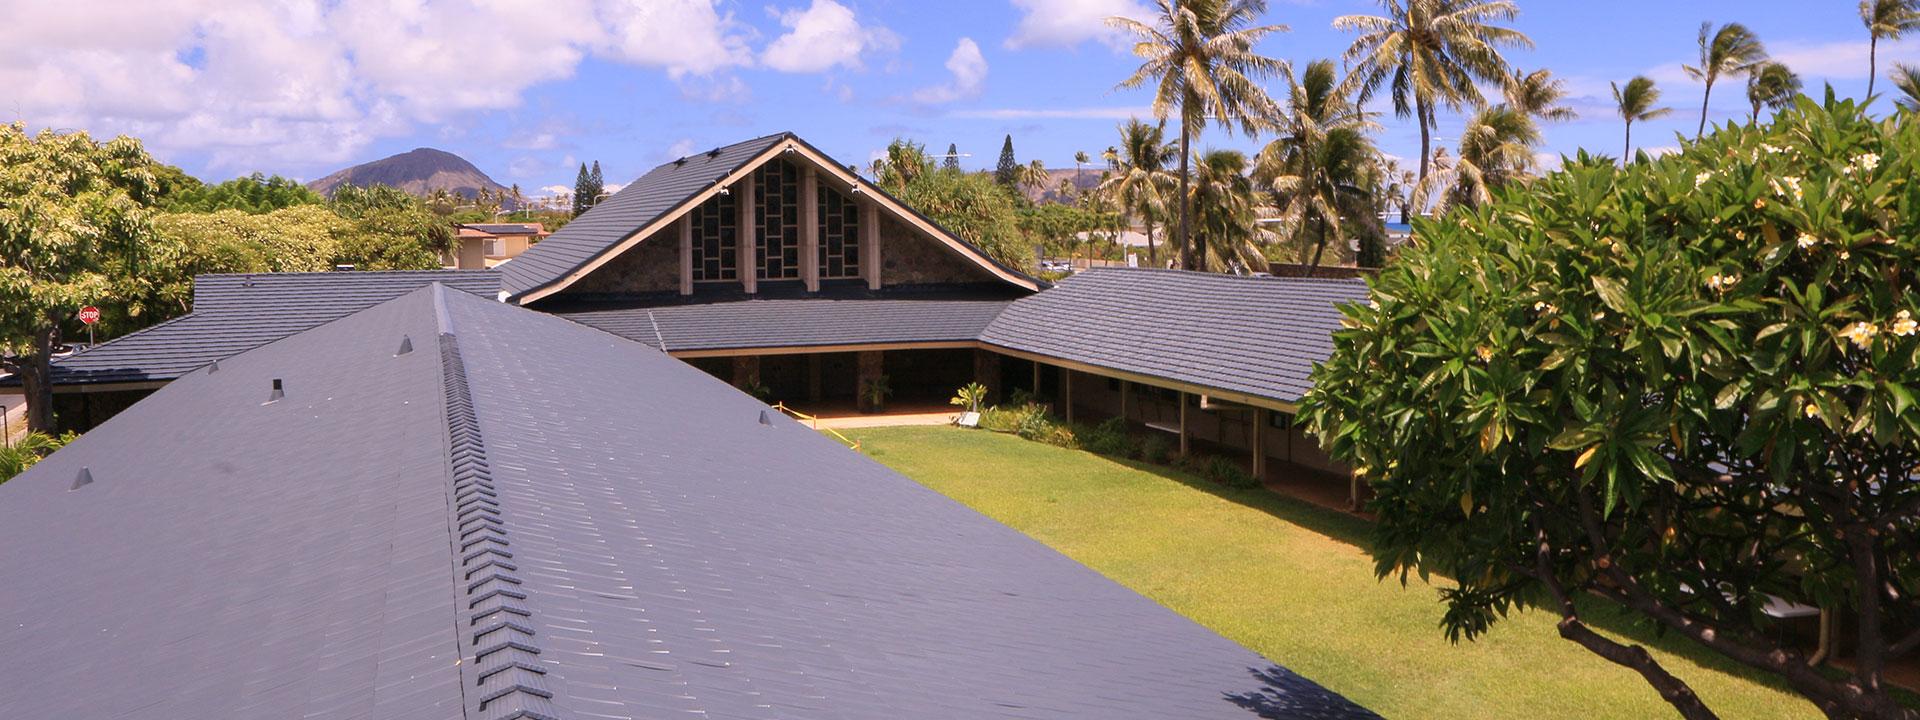 Hawaii Metal Roof Church